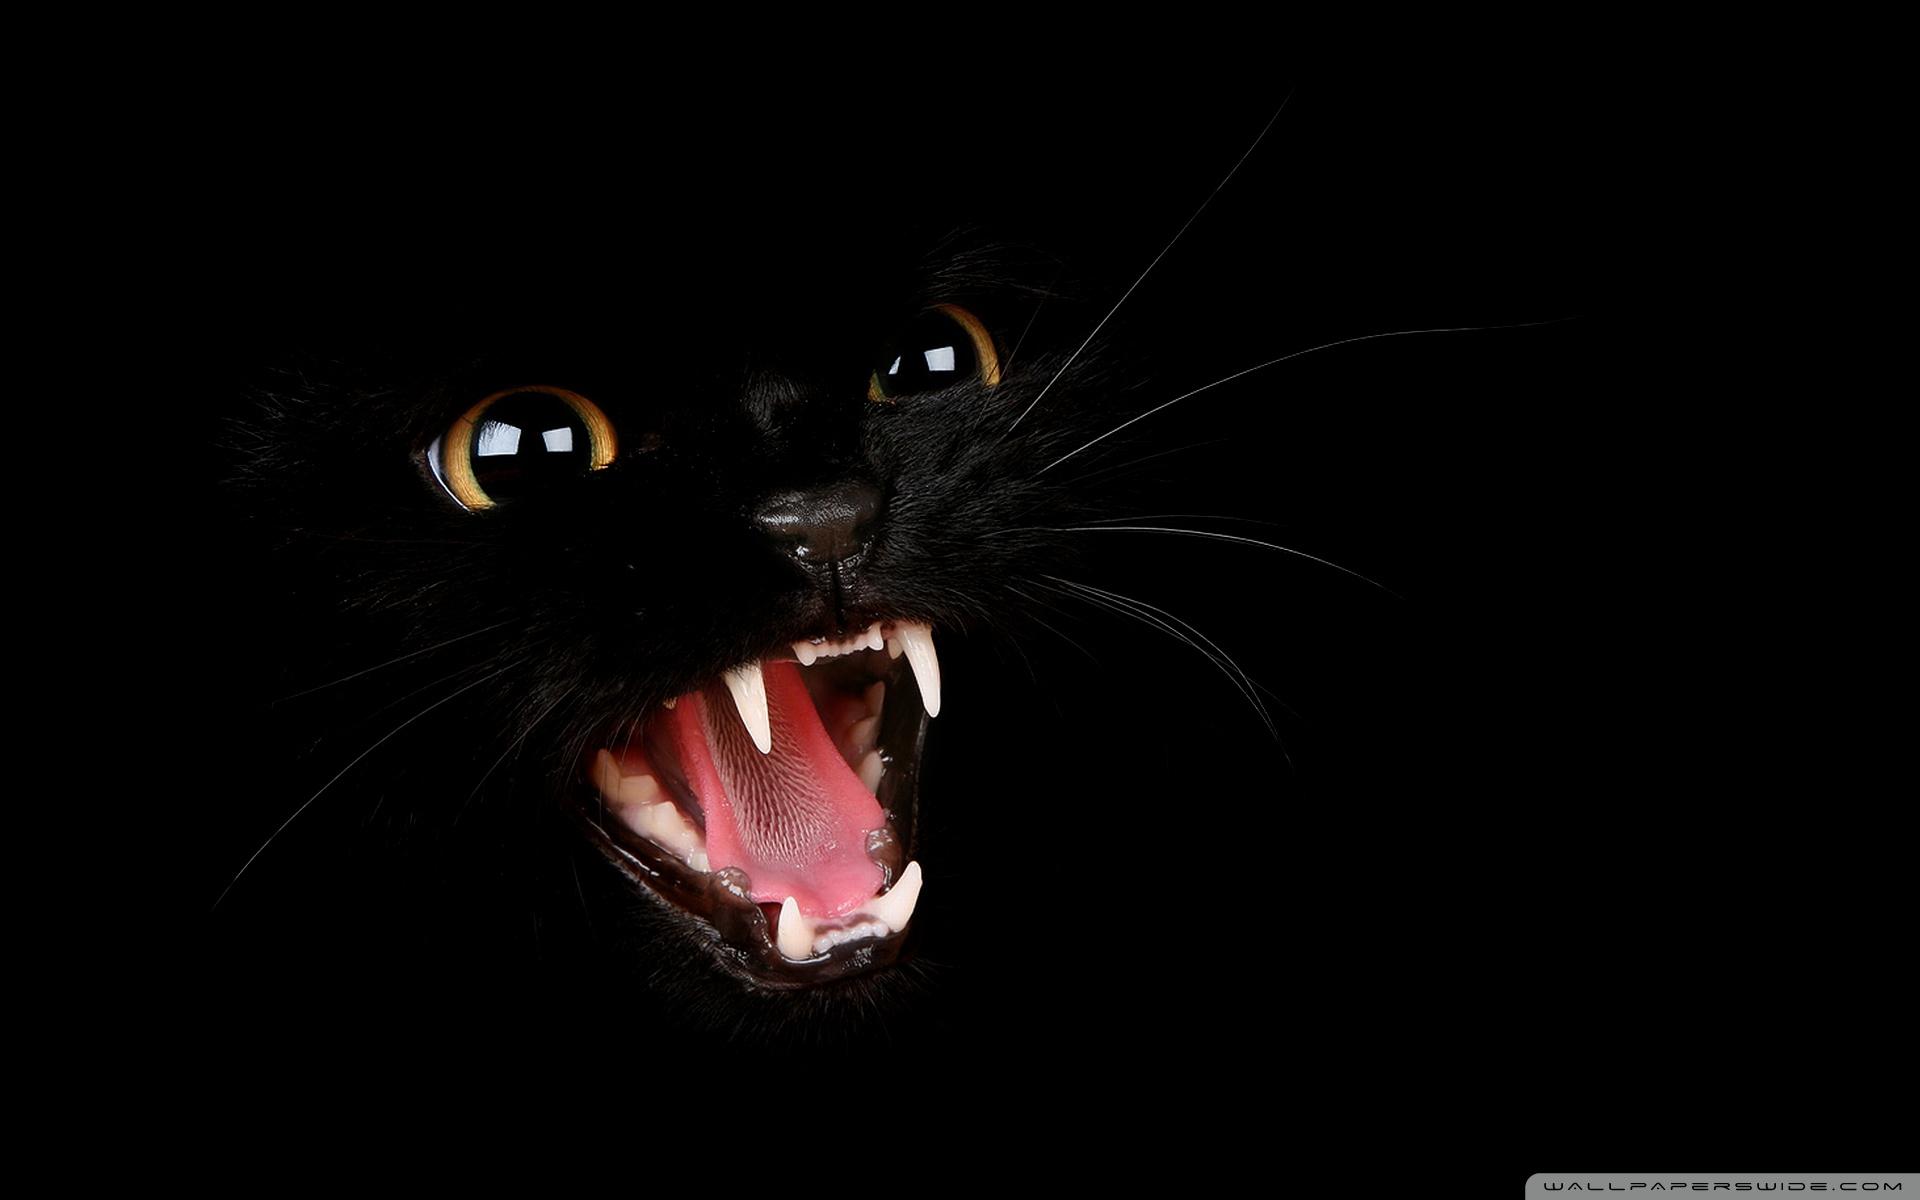 обои на рабочий стол черные кошки на черном фоне № 154854 загрузить